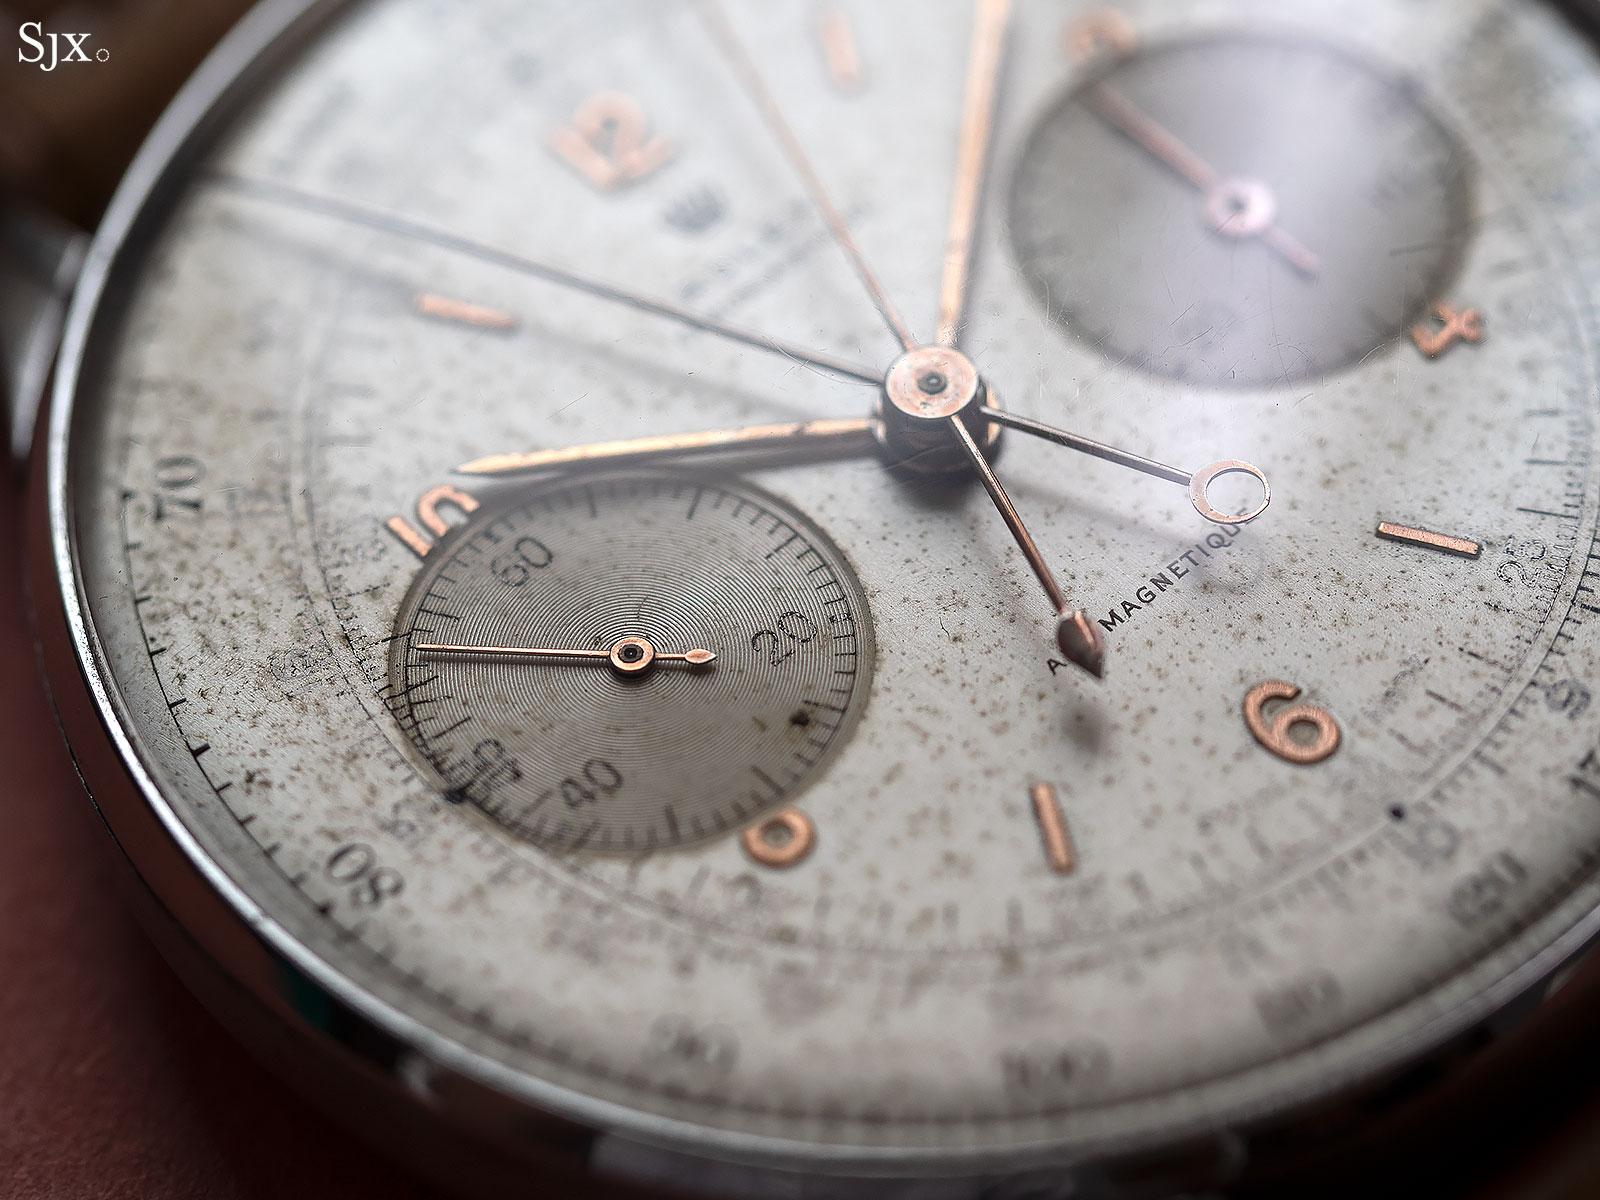 Rolex 4113 split seconds chronograph 7